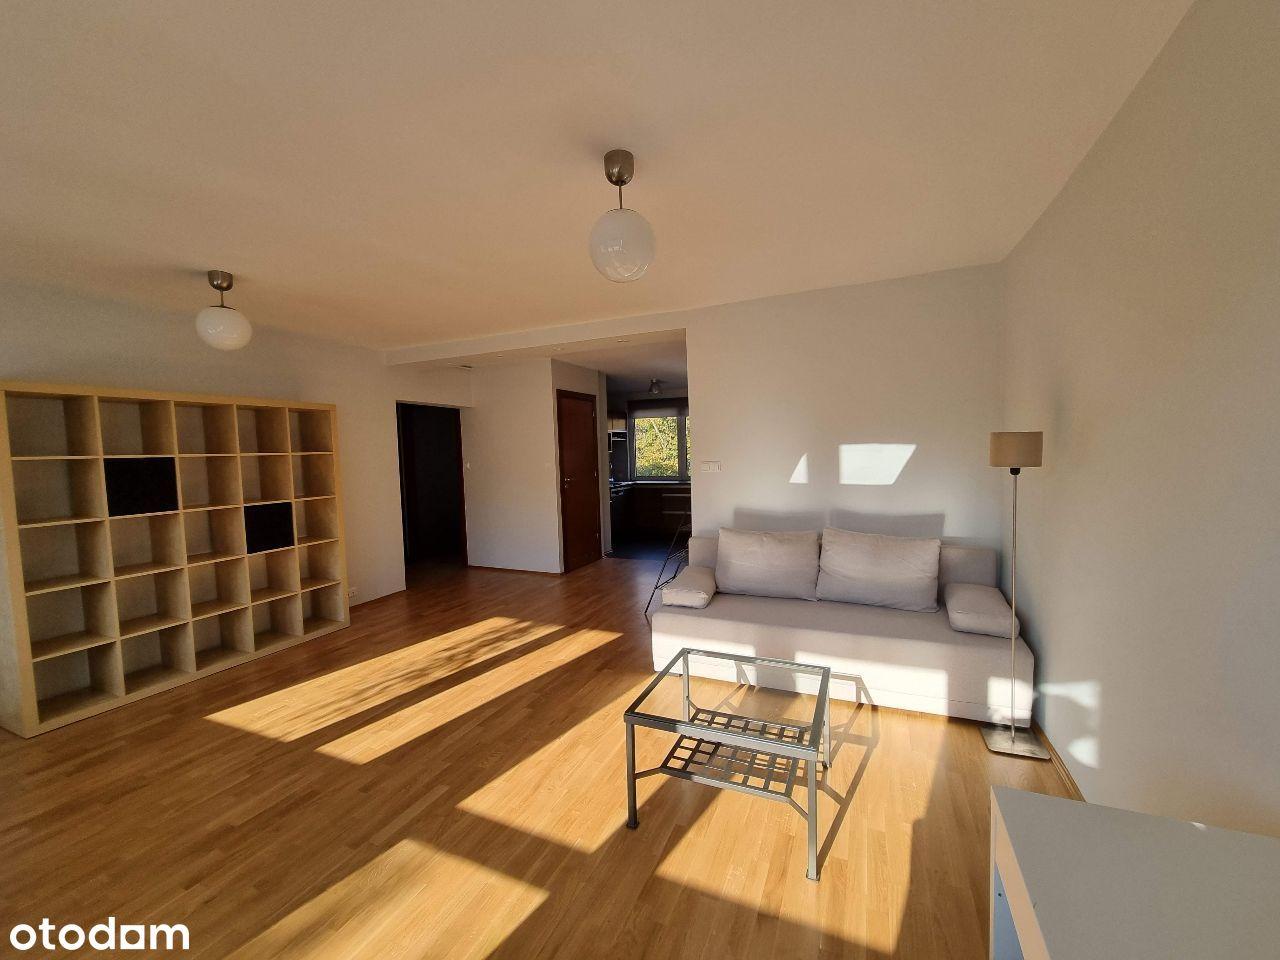 Przestronne i jasne mieszkanie 2-pokojowe